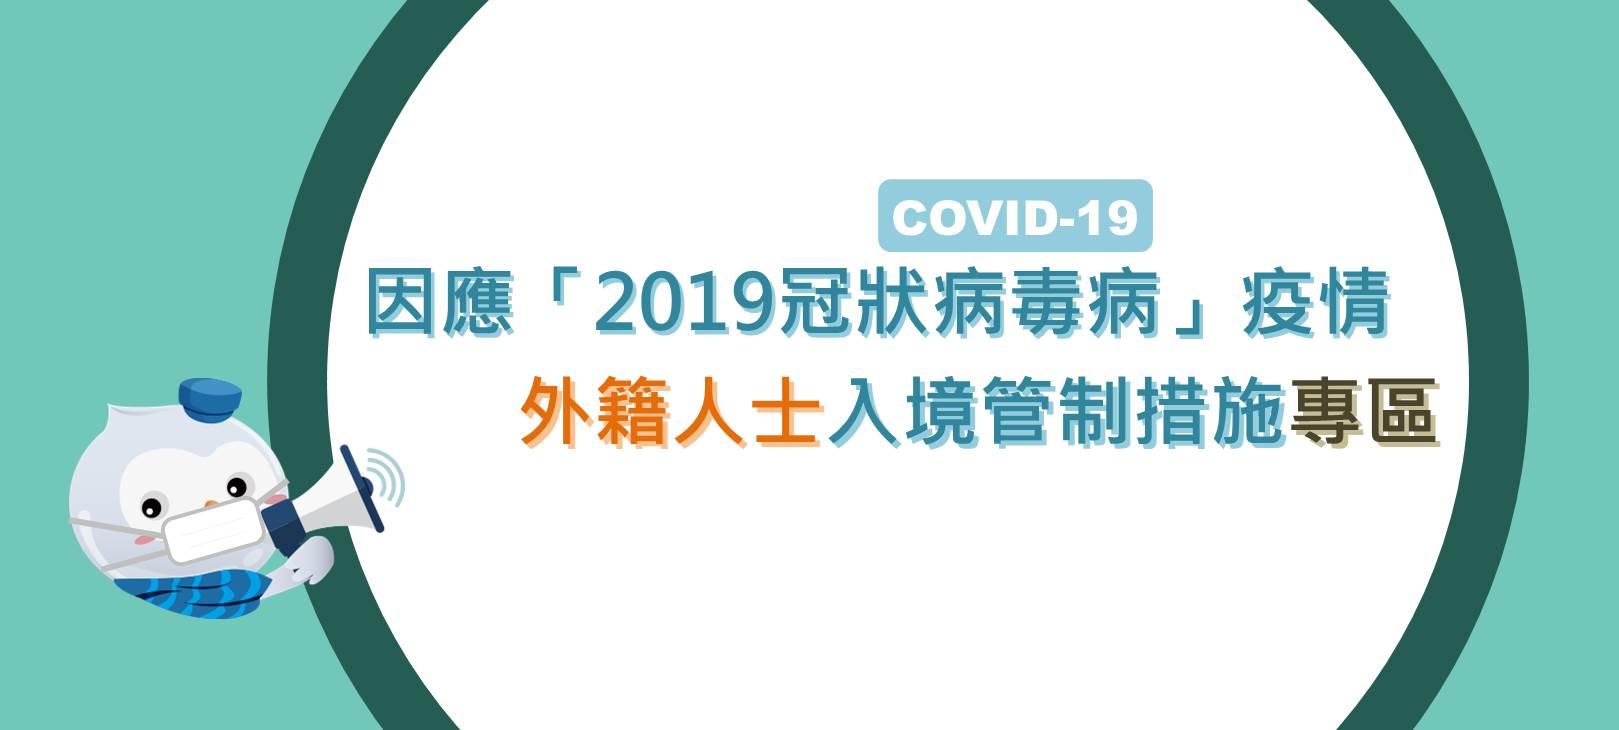 因應「2019冠狀病毒病(COVID-19)」疫情 外籍人士入境管制措施專區